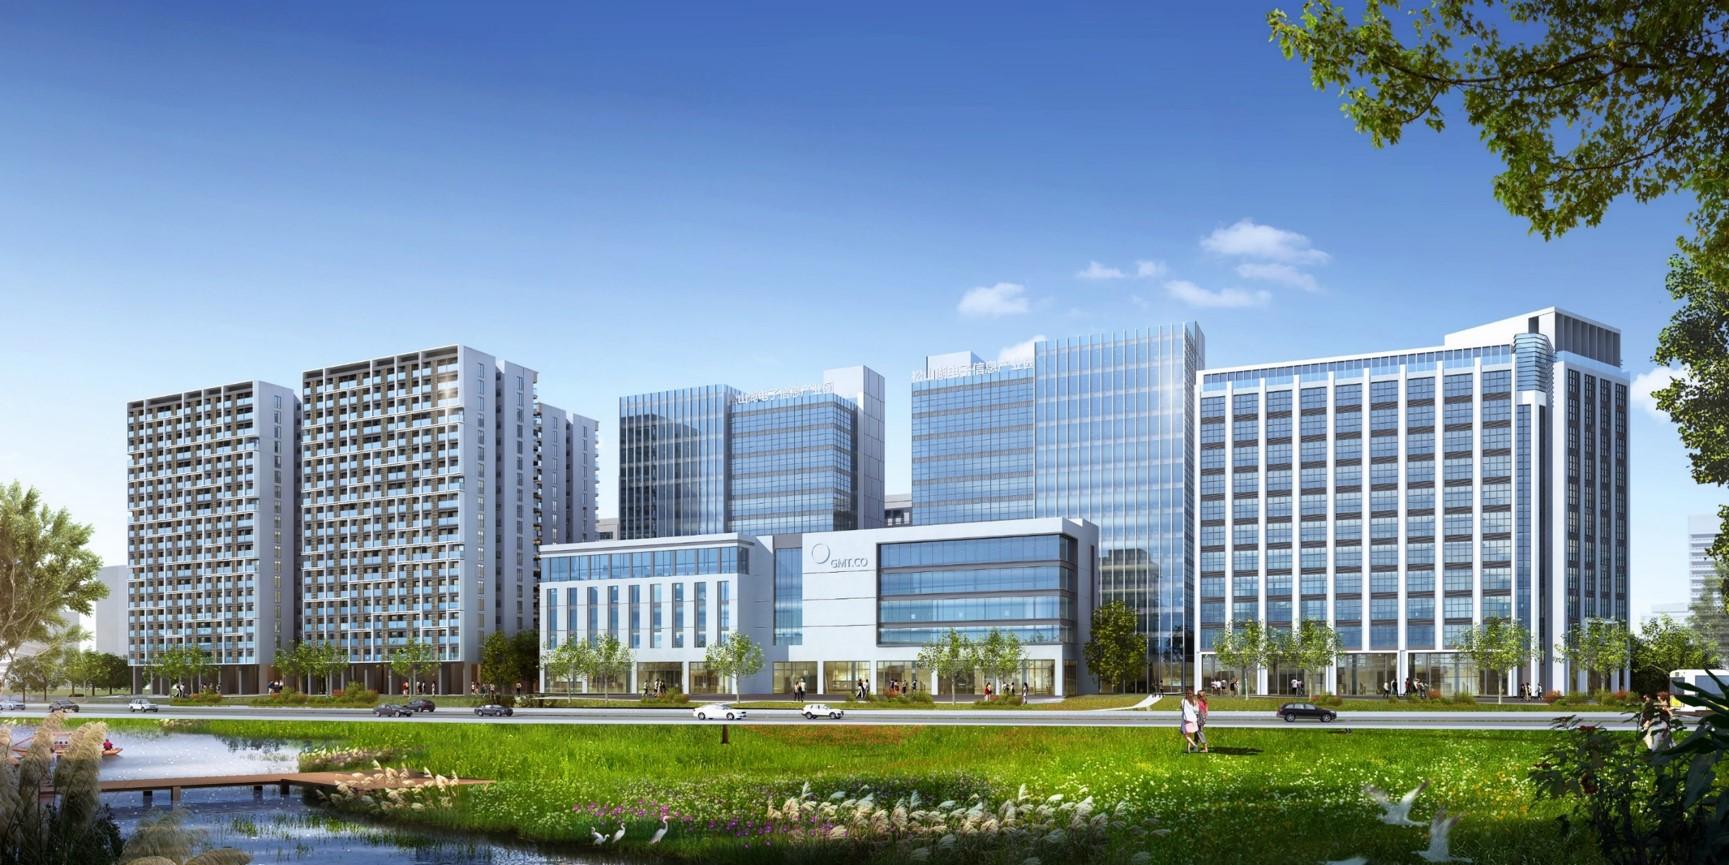 松山湖(生态园)电子信息产业园